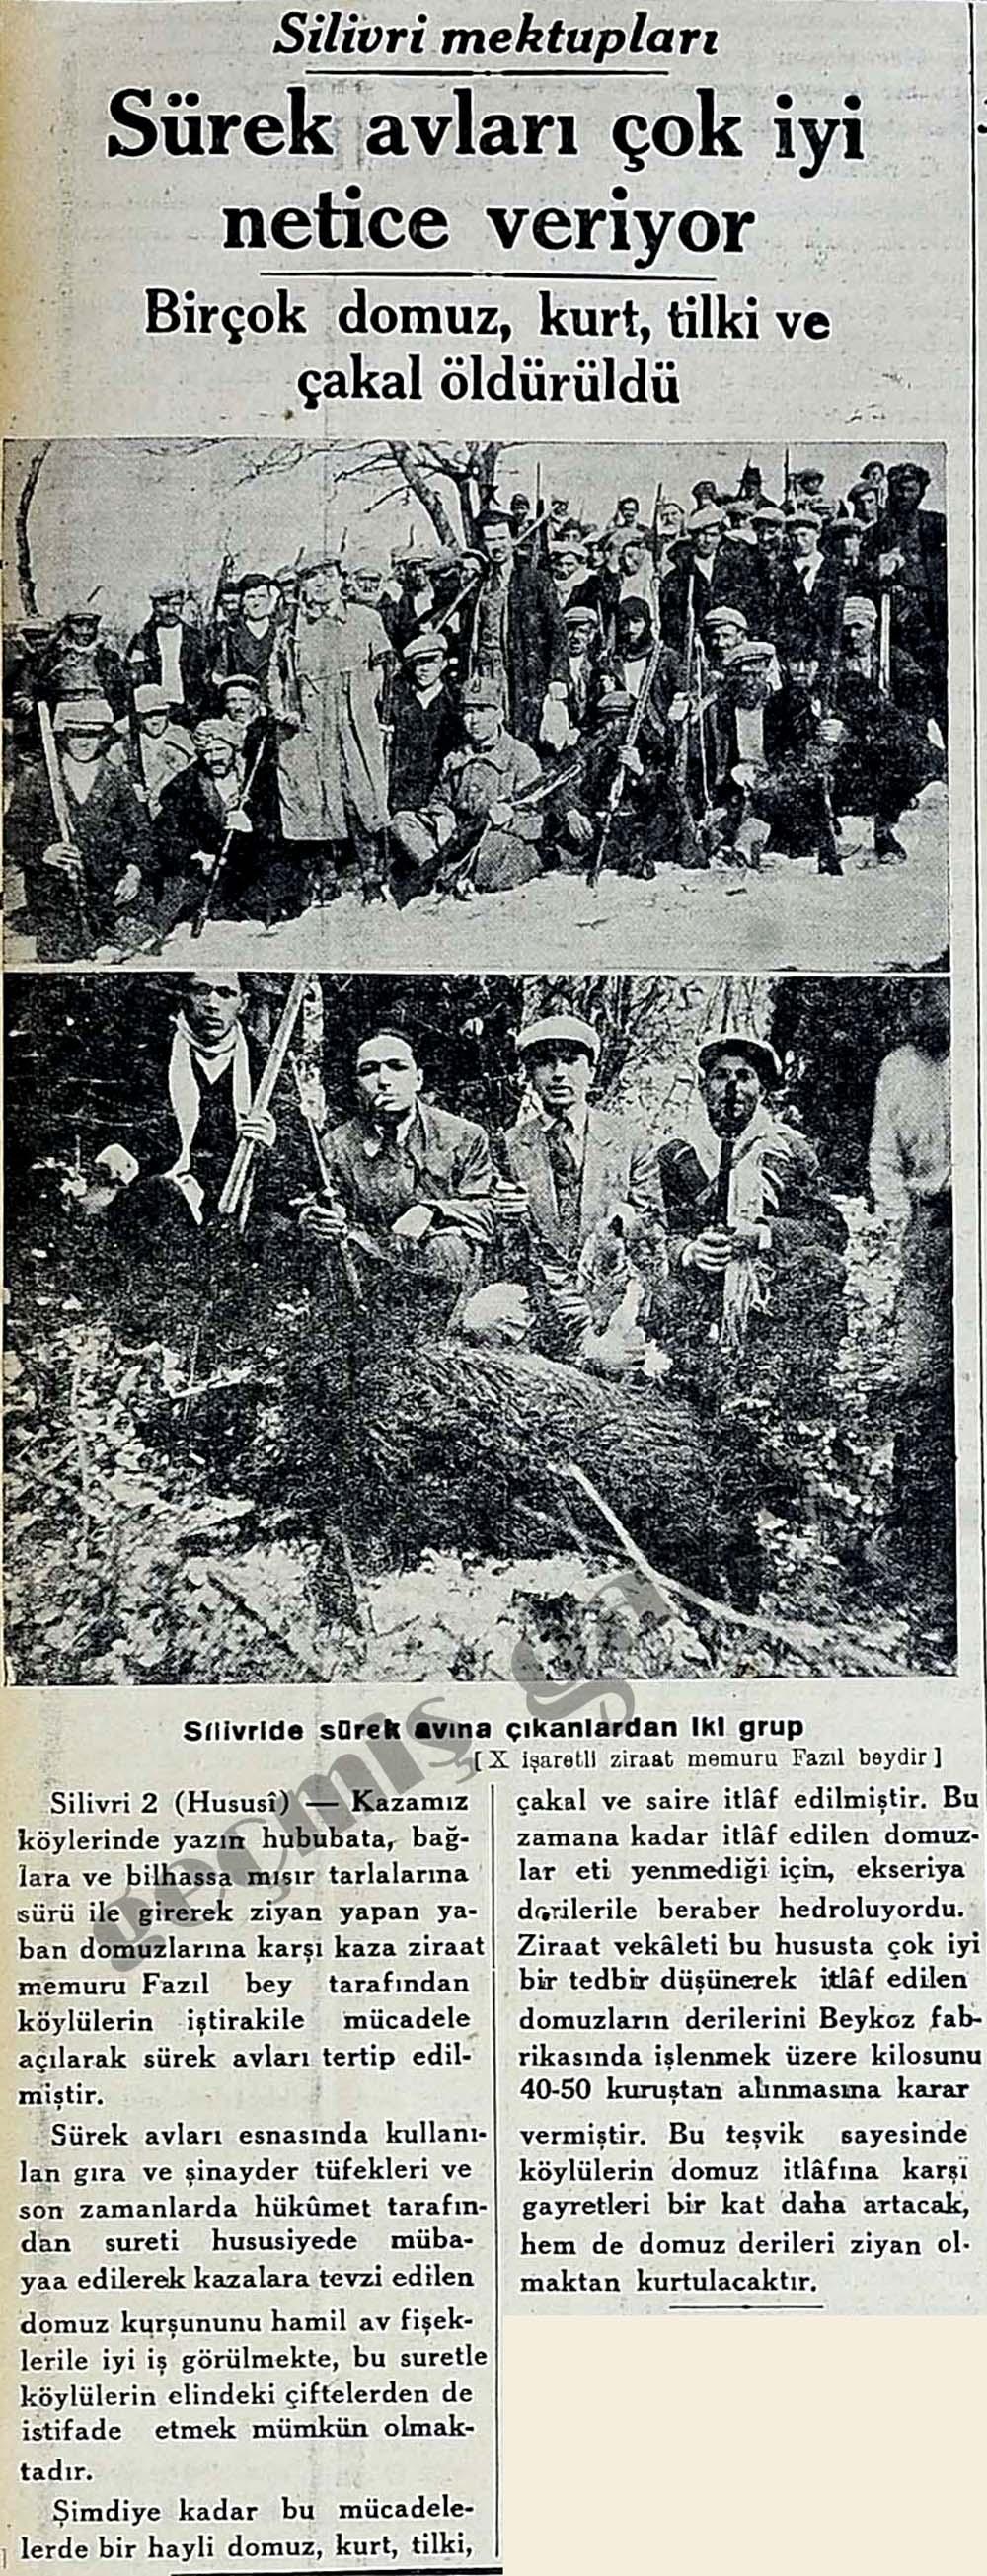 Sürek avları çok iyi gidiyor Birçok domuz, kurt, tilki ve çakal öldürüldü